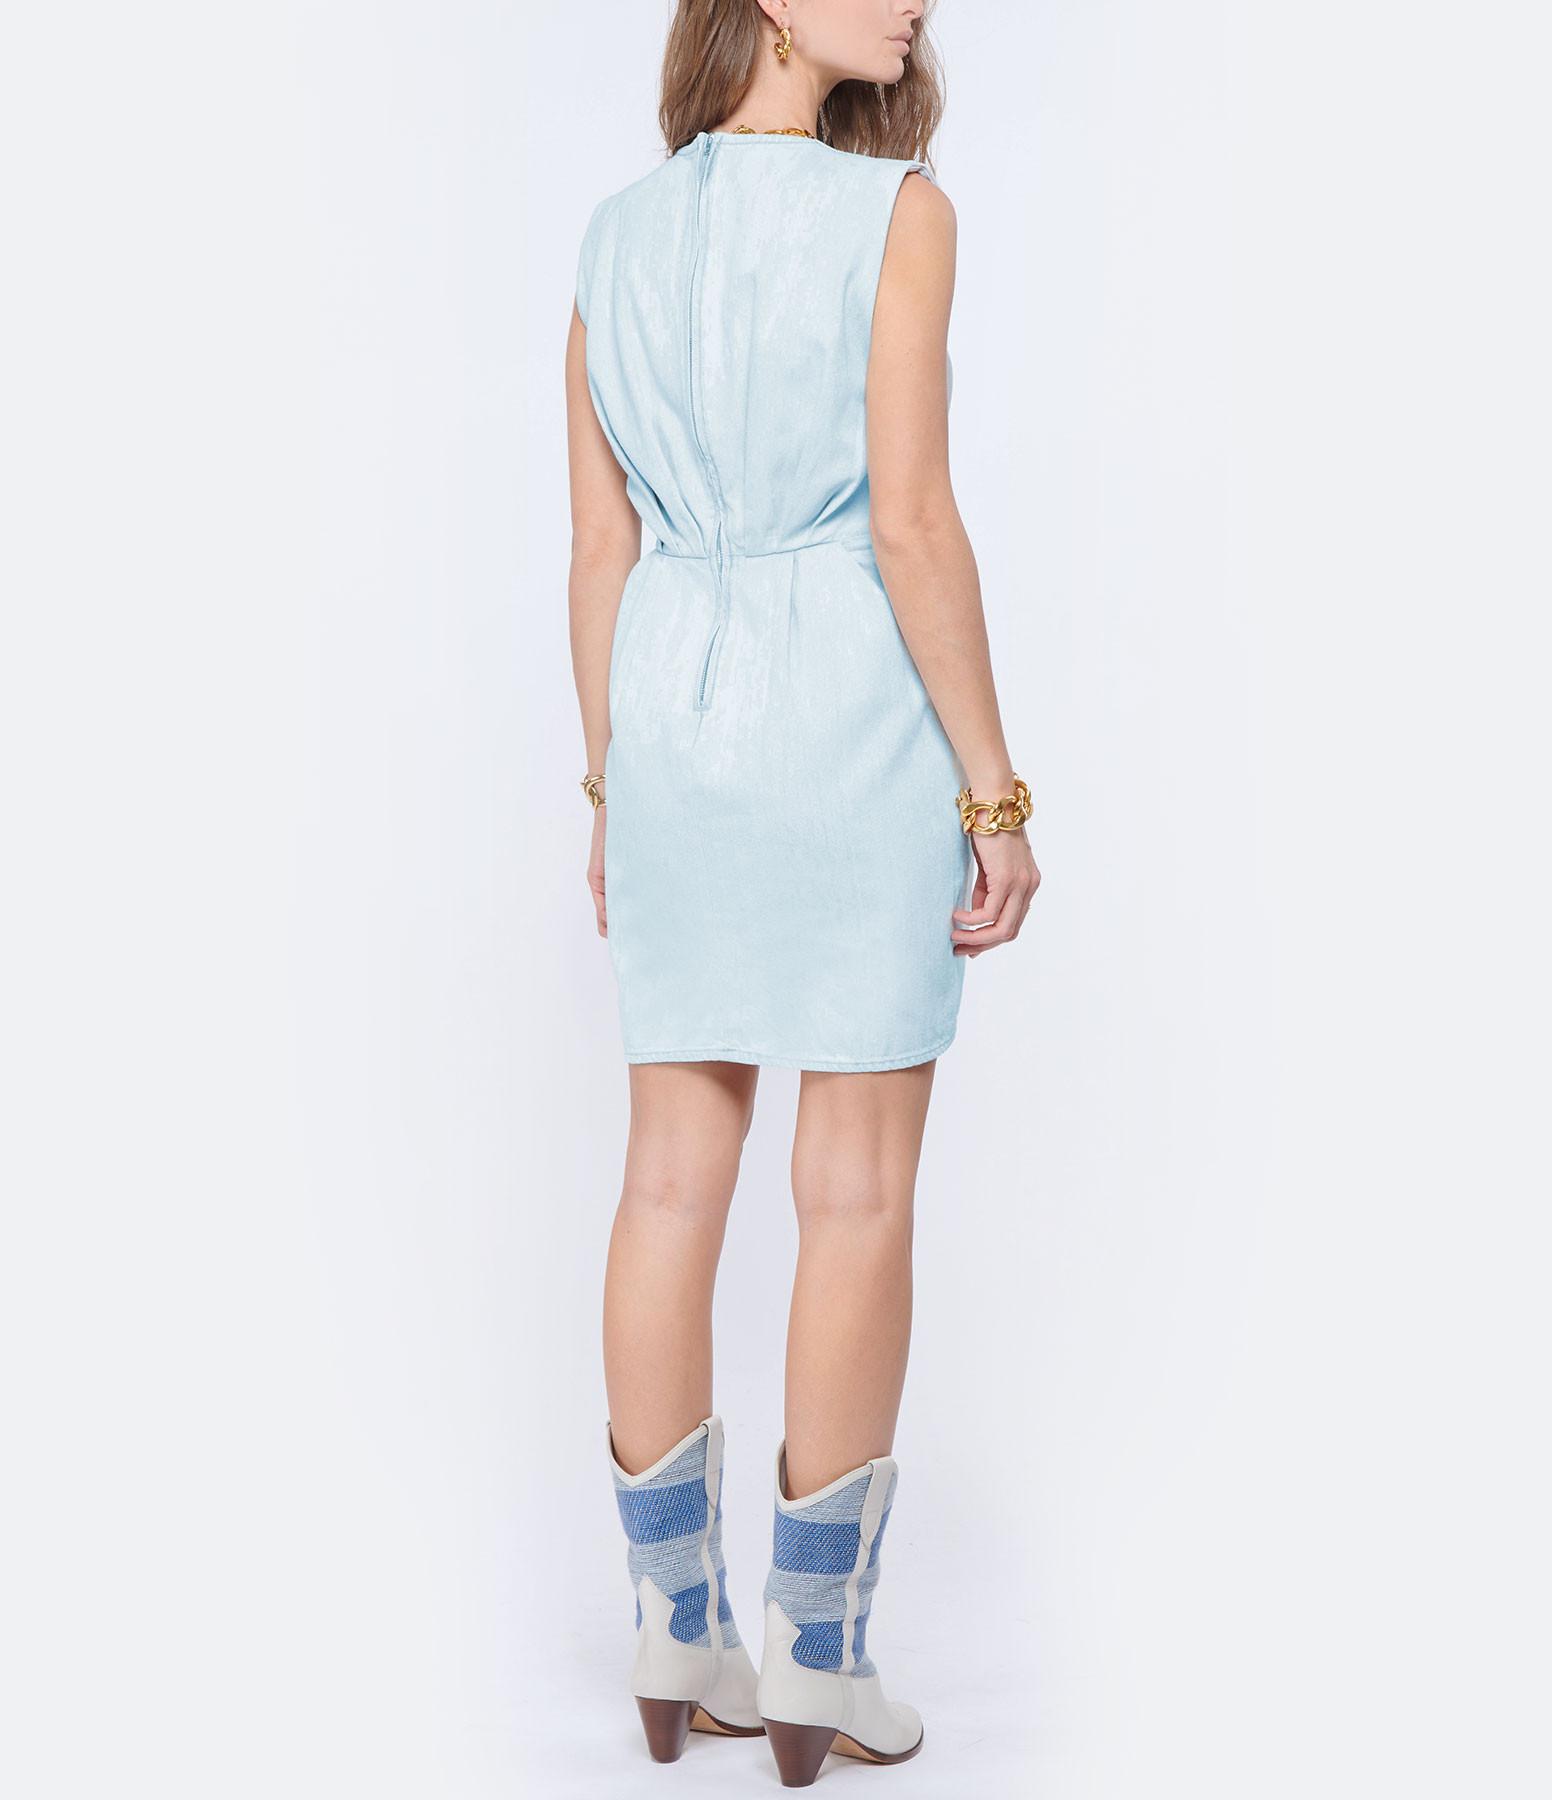 IRO - Robe Marg Coton Bleu